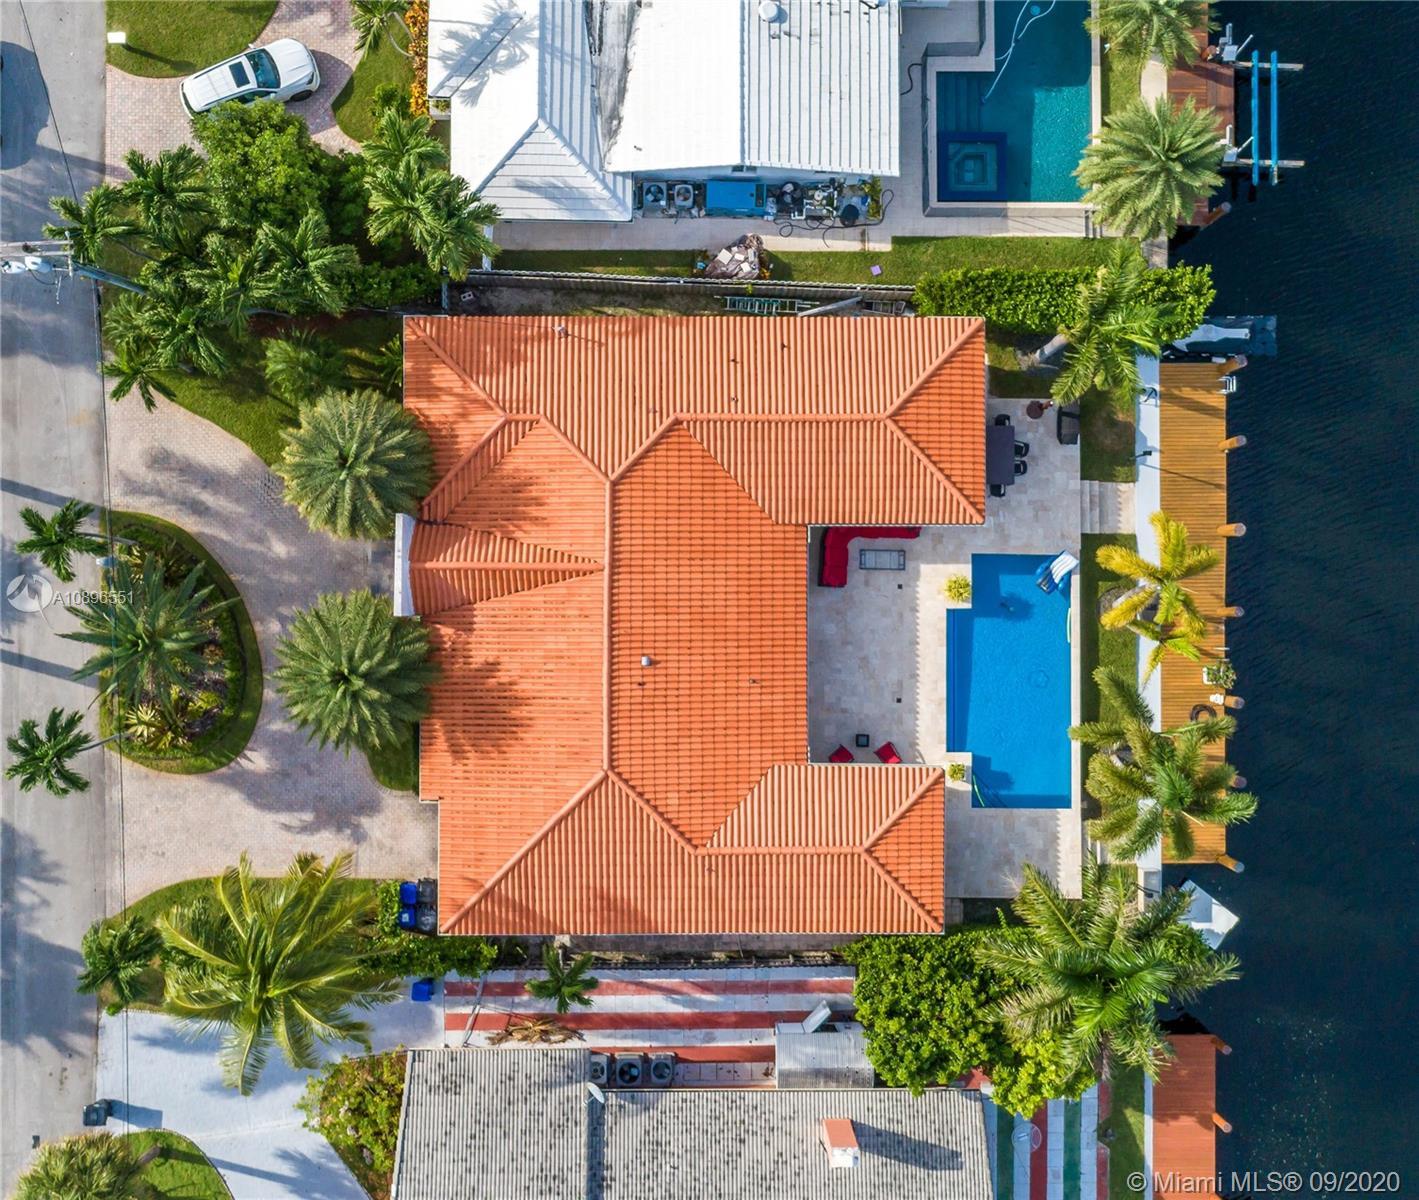 North Miami Beach - 16465 NE 32nd Ave, North Miami Beach, FL 33160